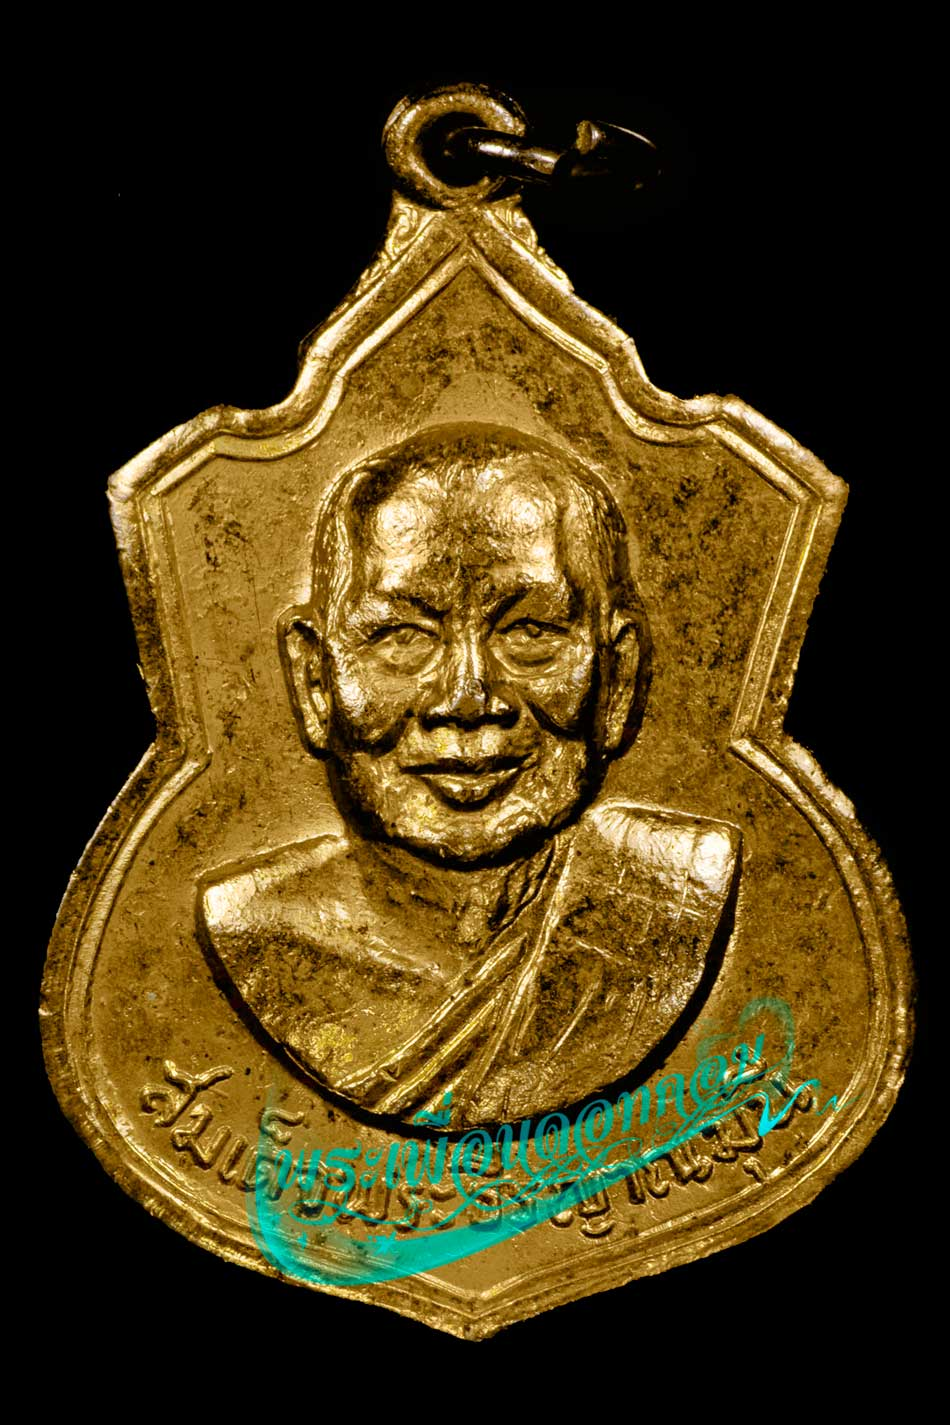 เหรียญสมเด็จพระธีรญาณมุนี วัดจักรวรรดิ์ราชาวาส ปี 2516